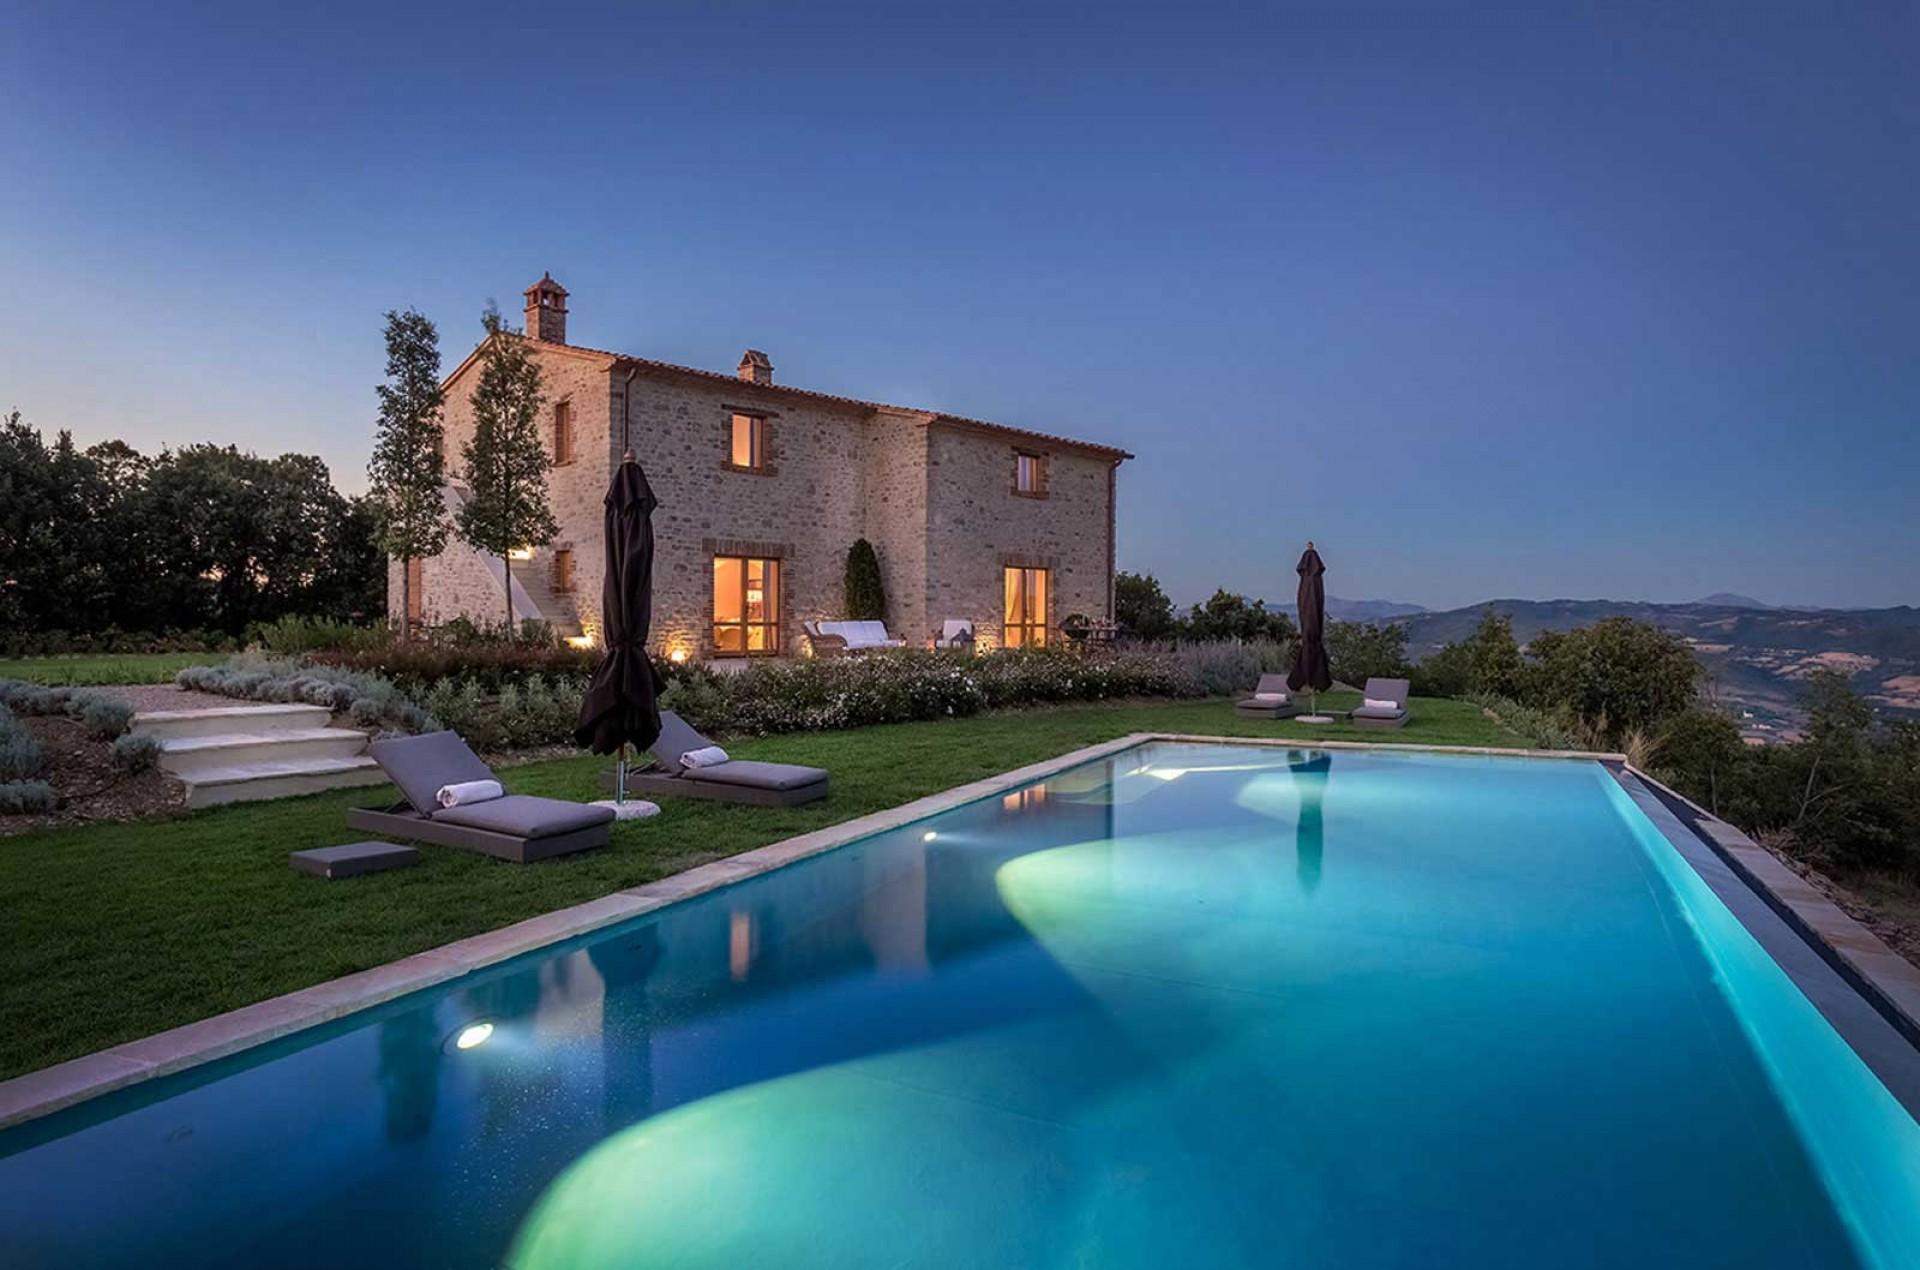 Umbria Villa Panoramico Tuscany Italy